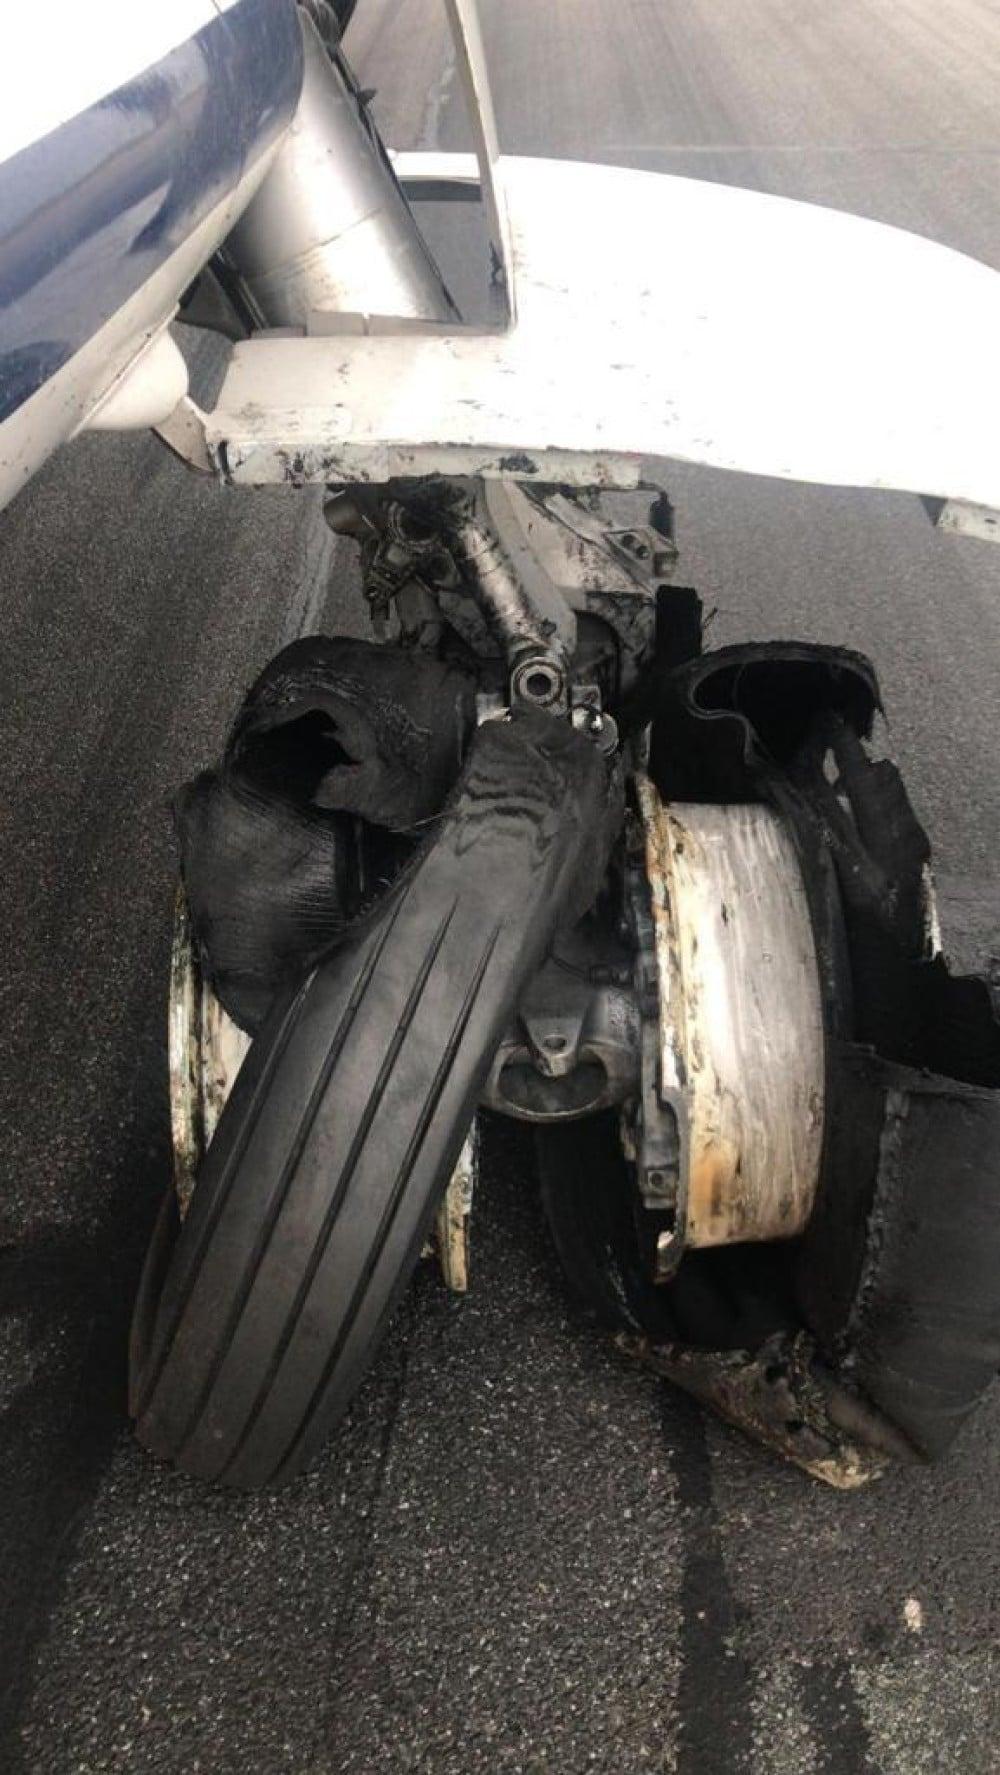 """(Foto/Video) Avion Tarom, pneurile au explodat la aterizare! Ciprian: """"Este inadmisibil ca toate cele 4 roti din spate sa explodeze. Acesta este rezultatul ..."""" 2"""